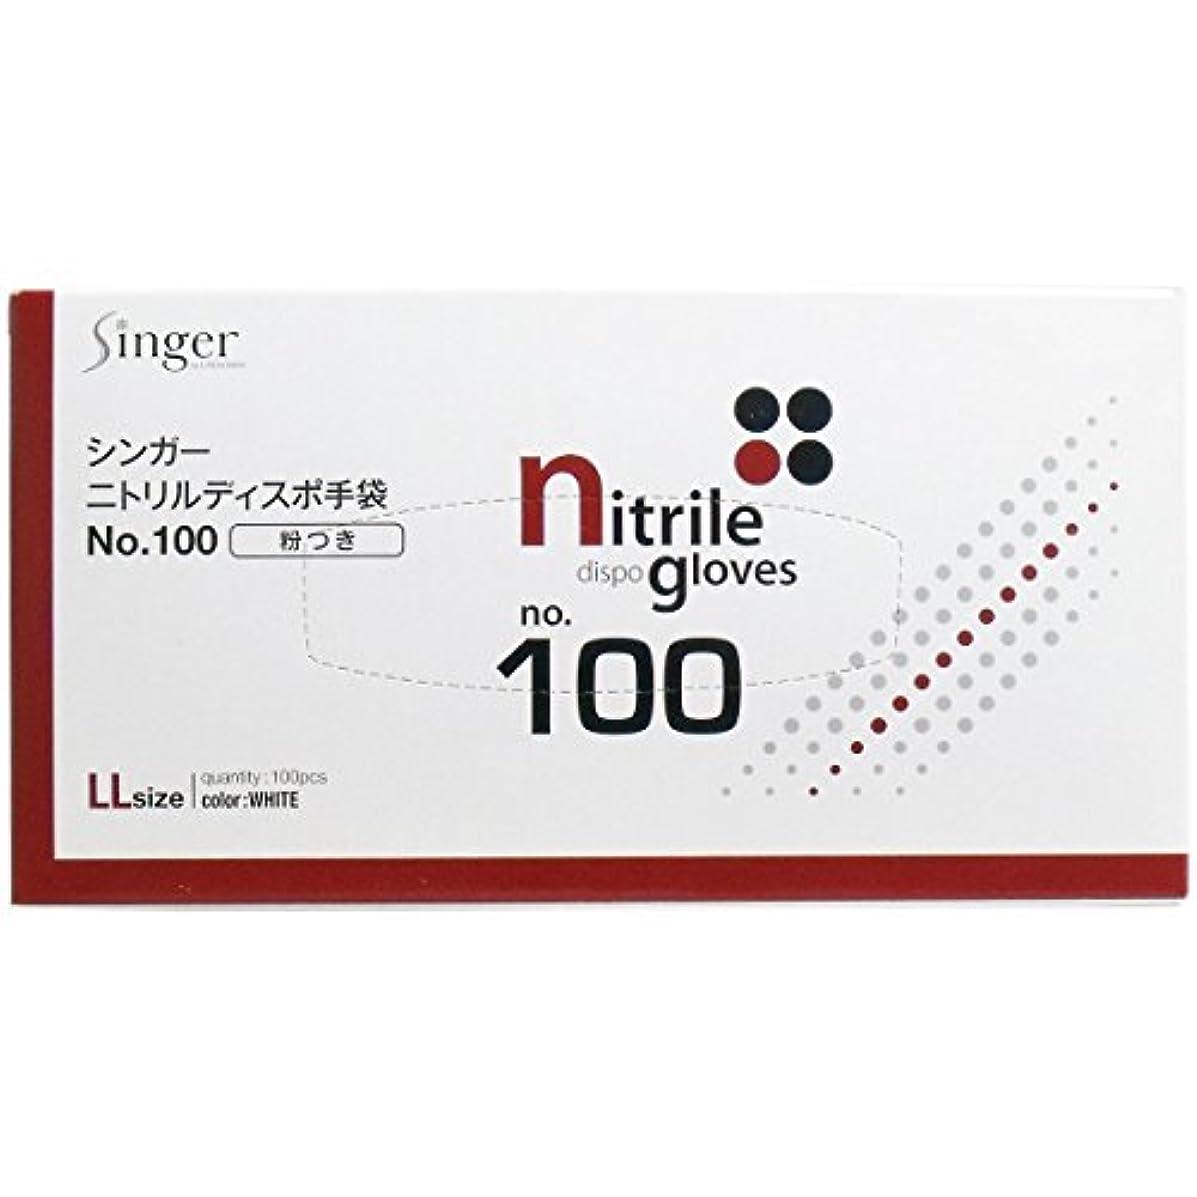 アルバム探偵大気シンガーニトリルディスポ手袋 No.100 白 粉付 LLサイズ 100枚×20箱入